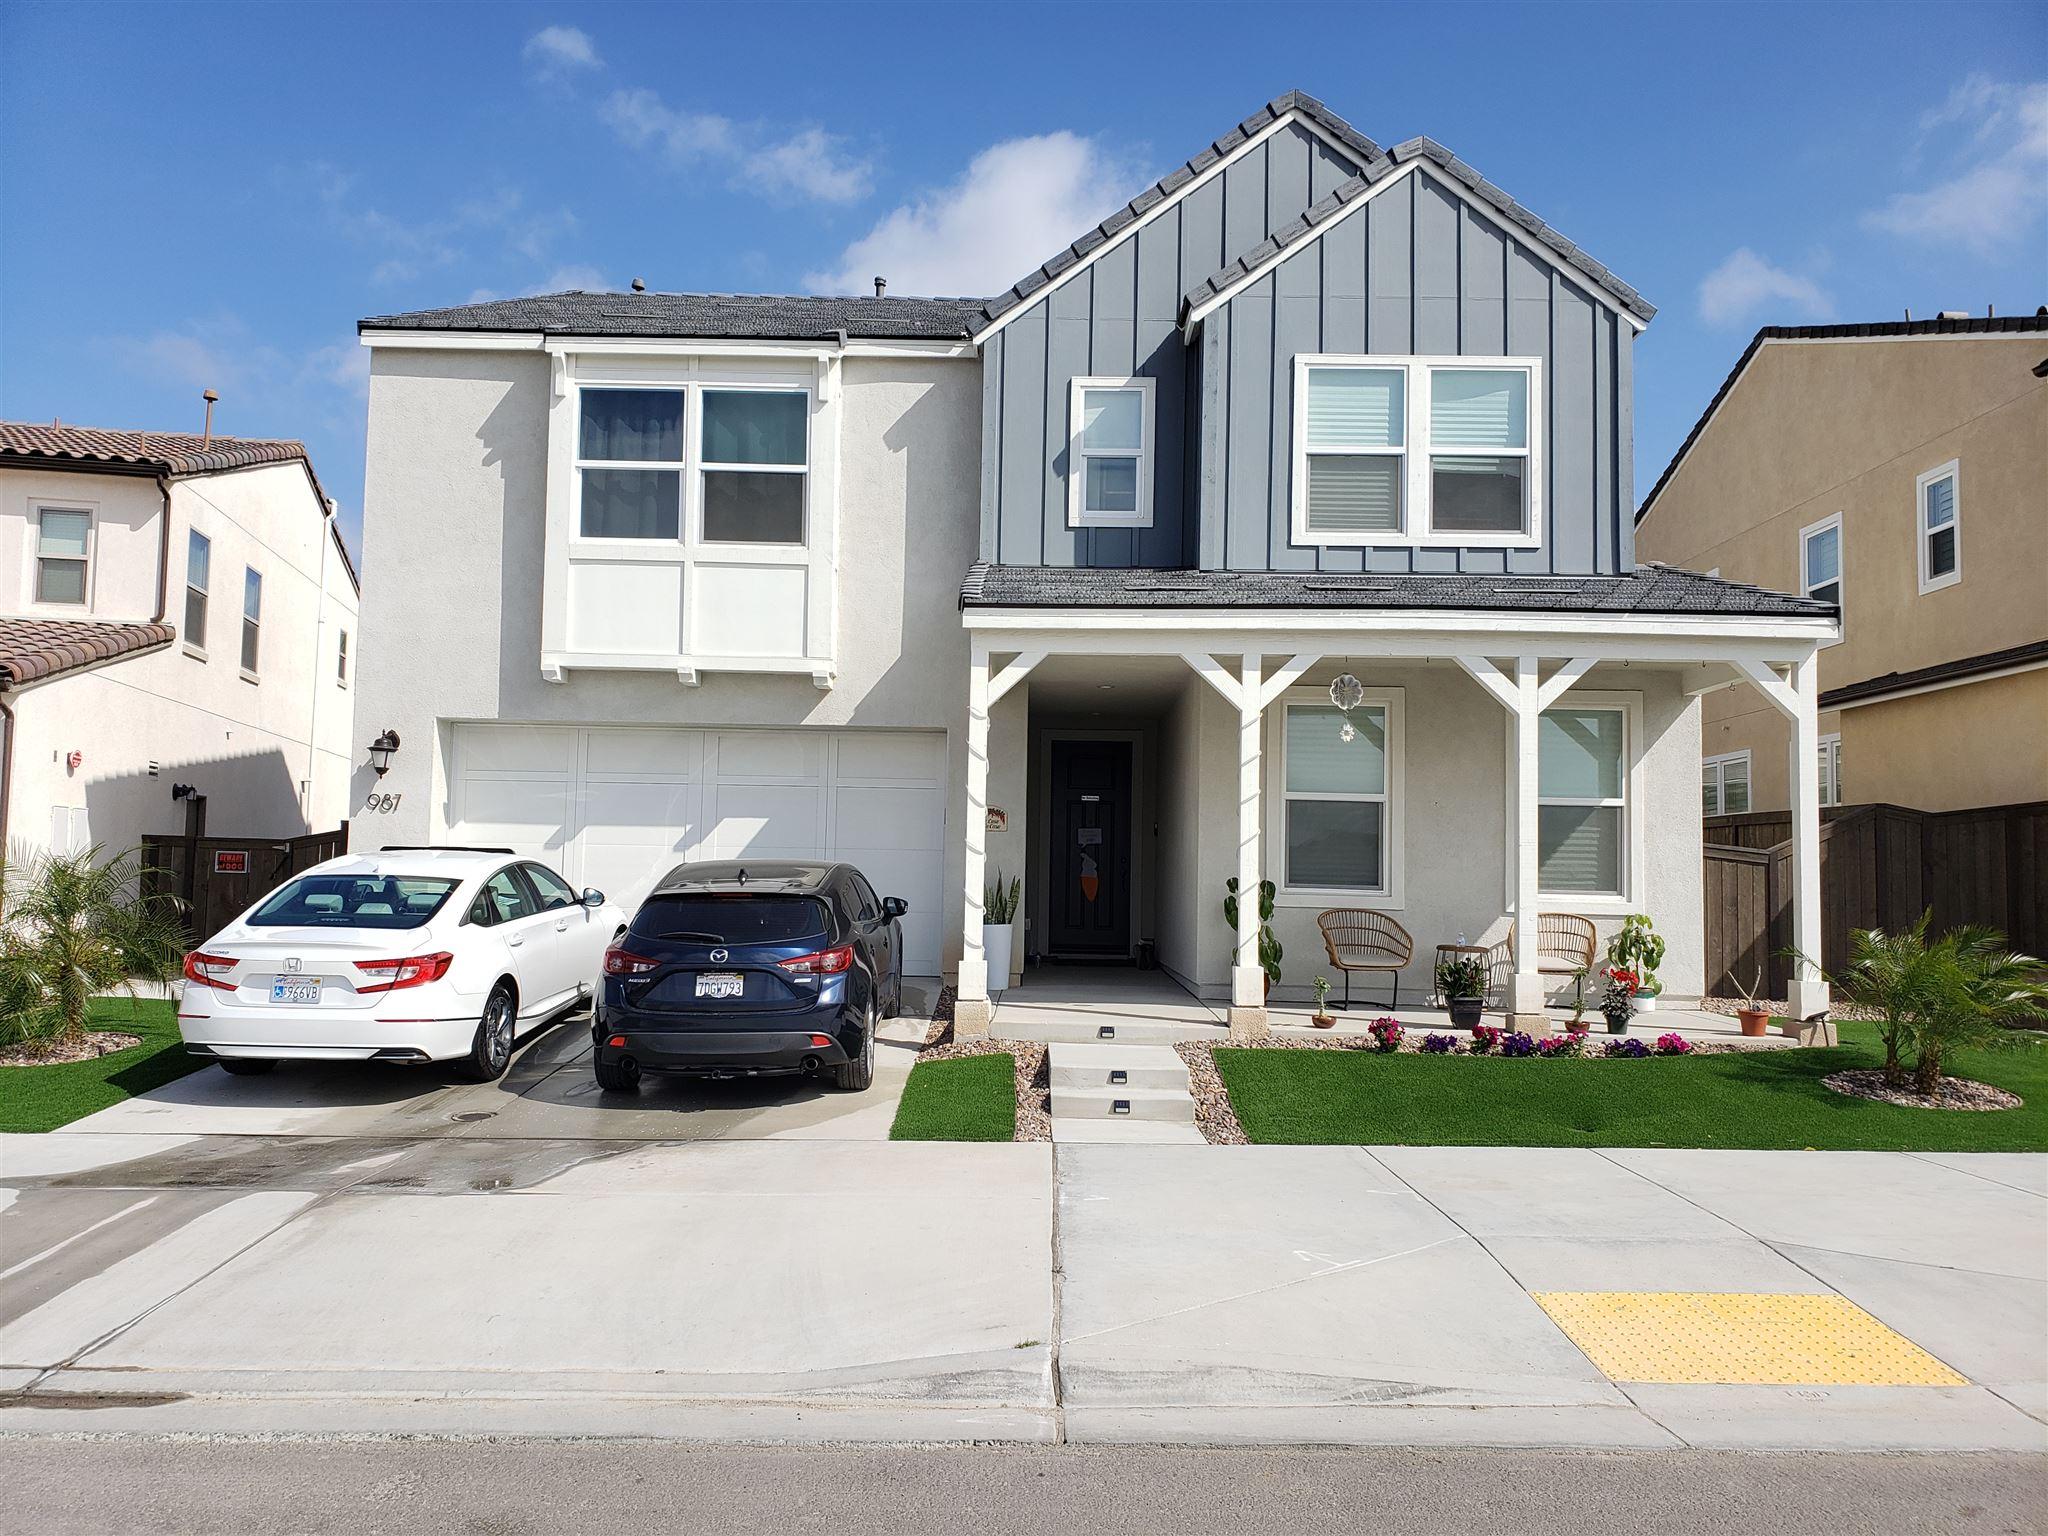 987 Camino Levante, Chula Vista, CA 91913